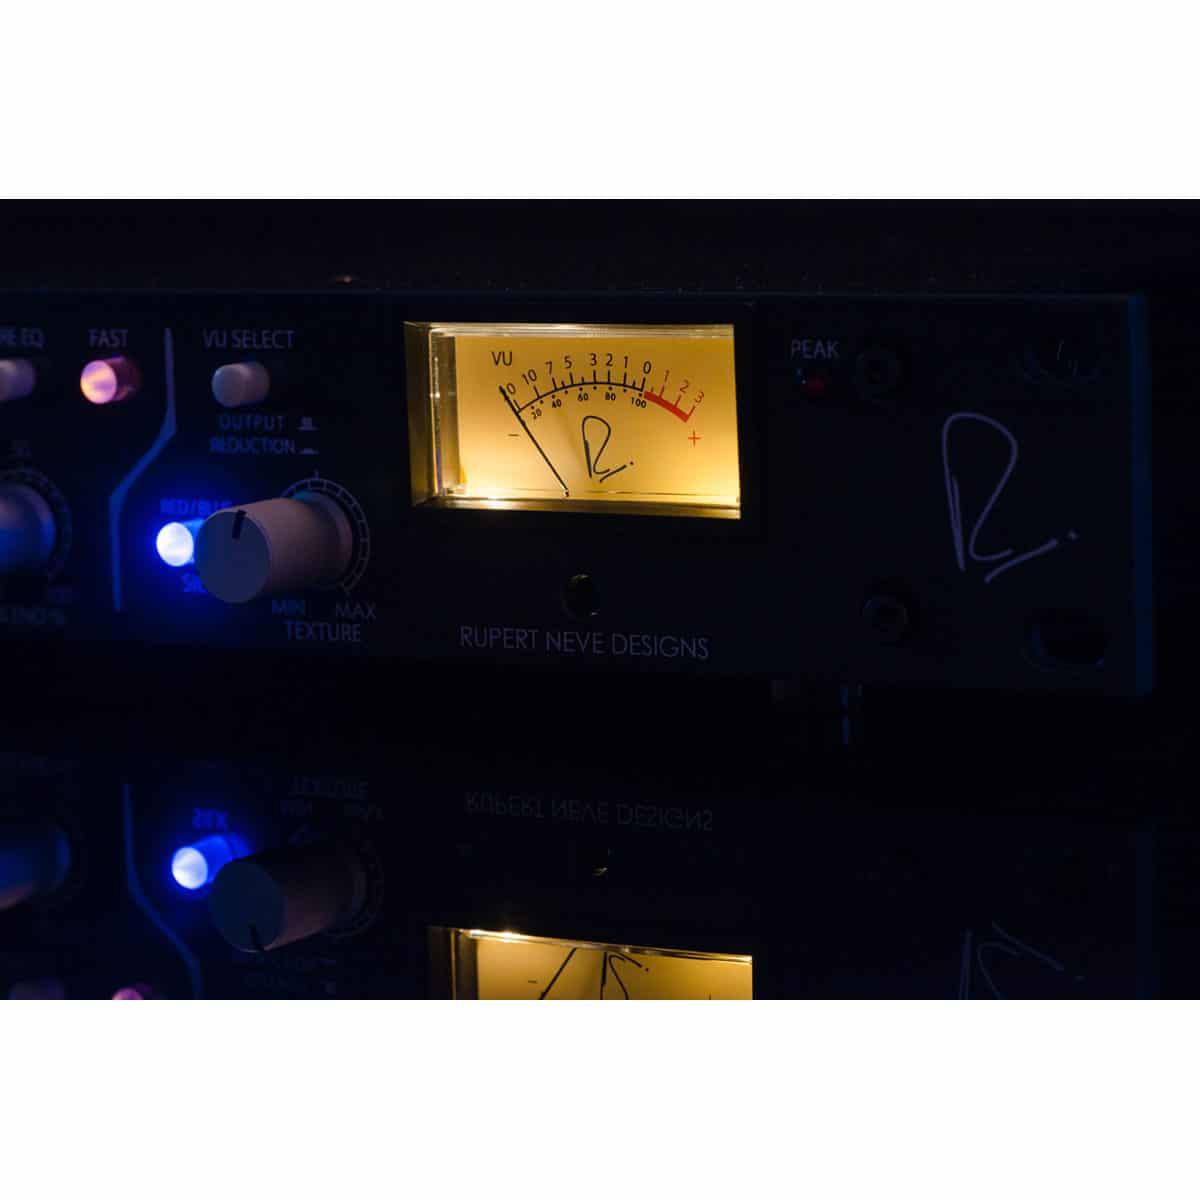 Rupert Neve shelford channel 06 Recording, Outboard, Preamplificatori Microfonici, Equalizzatori, Channel Strip, Compressori